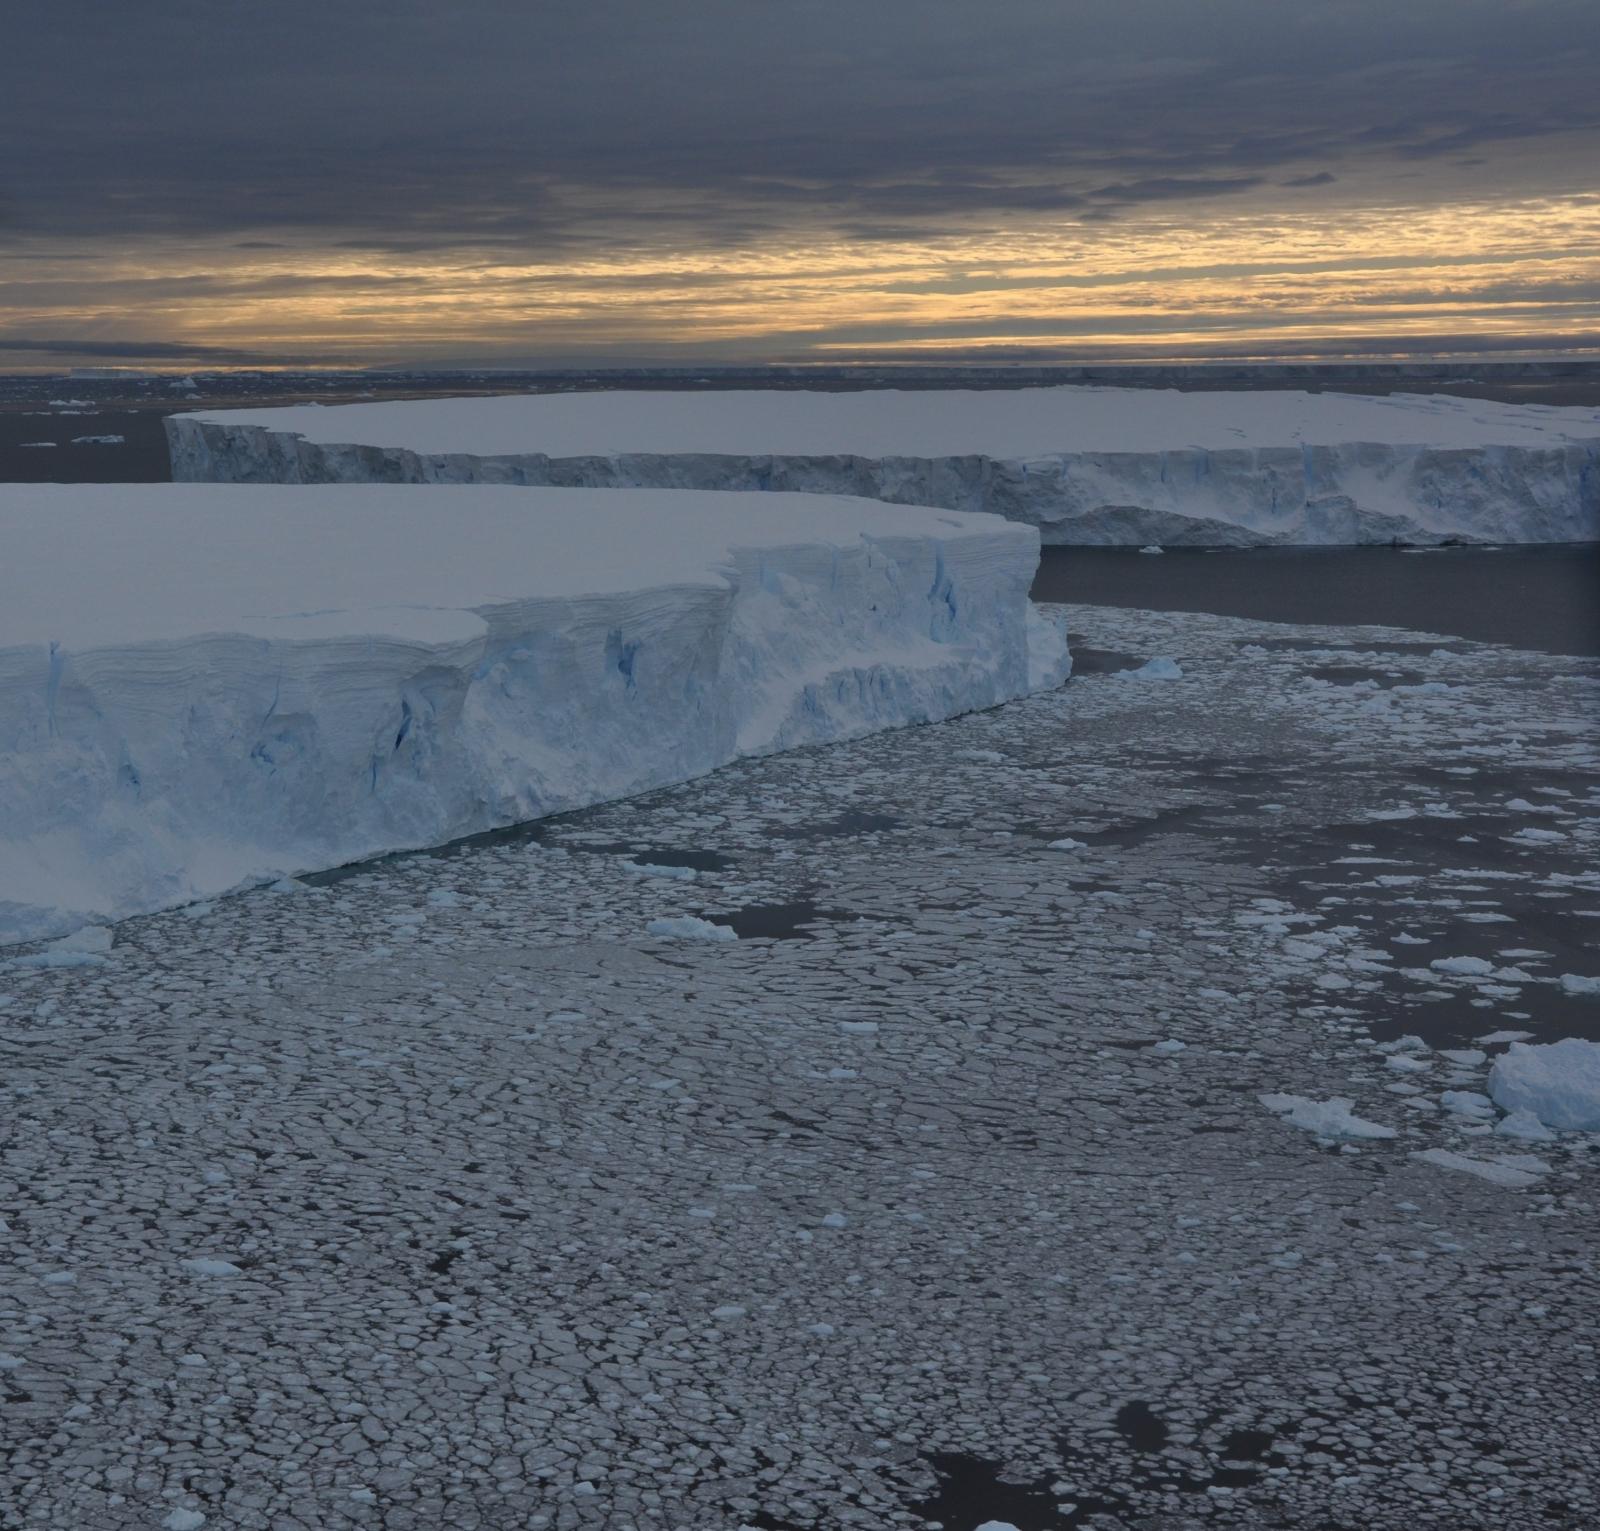 Pine Island Glacier, Antarctica